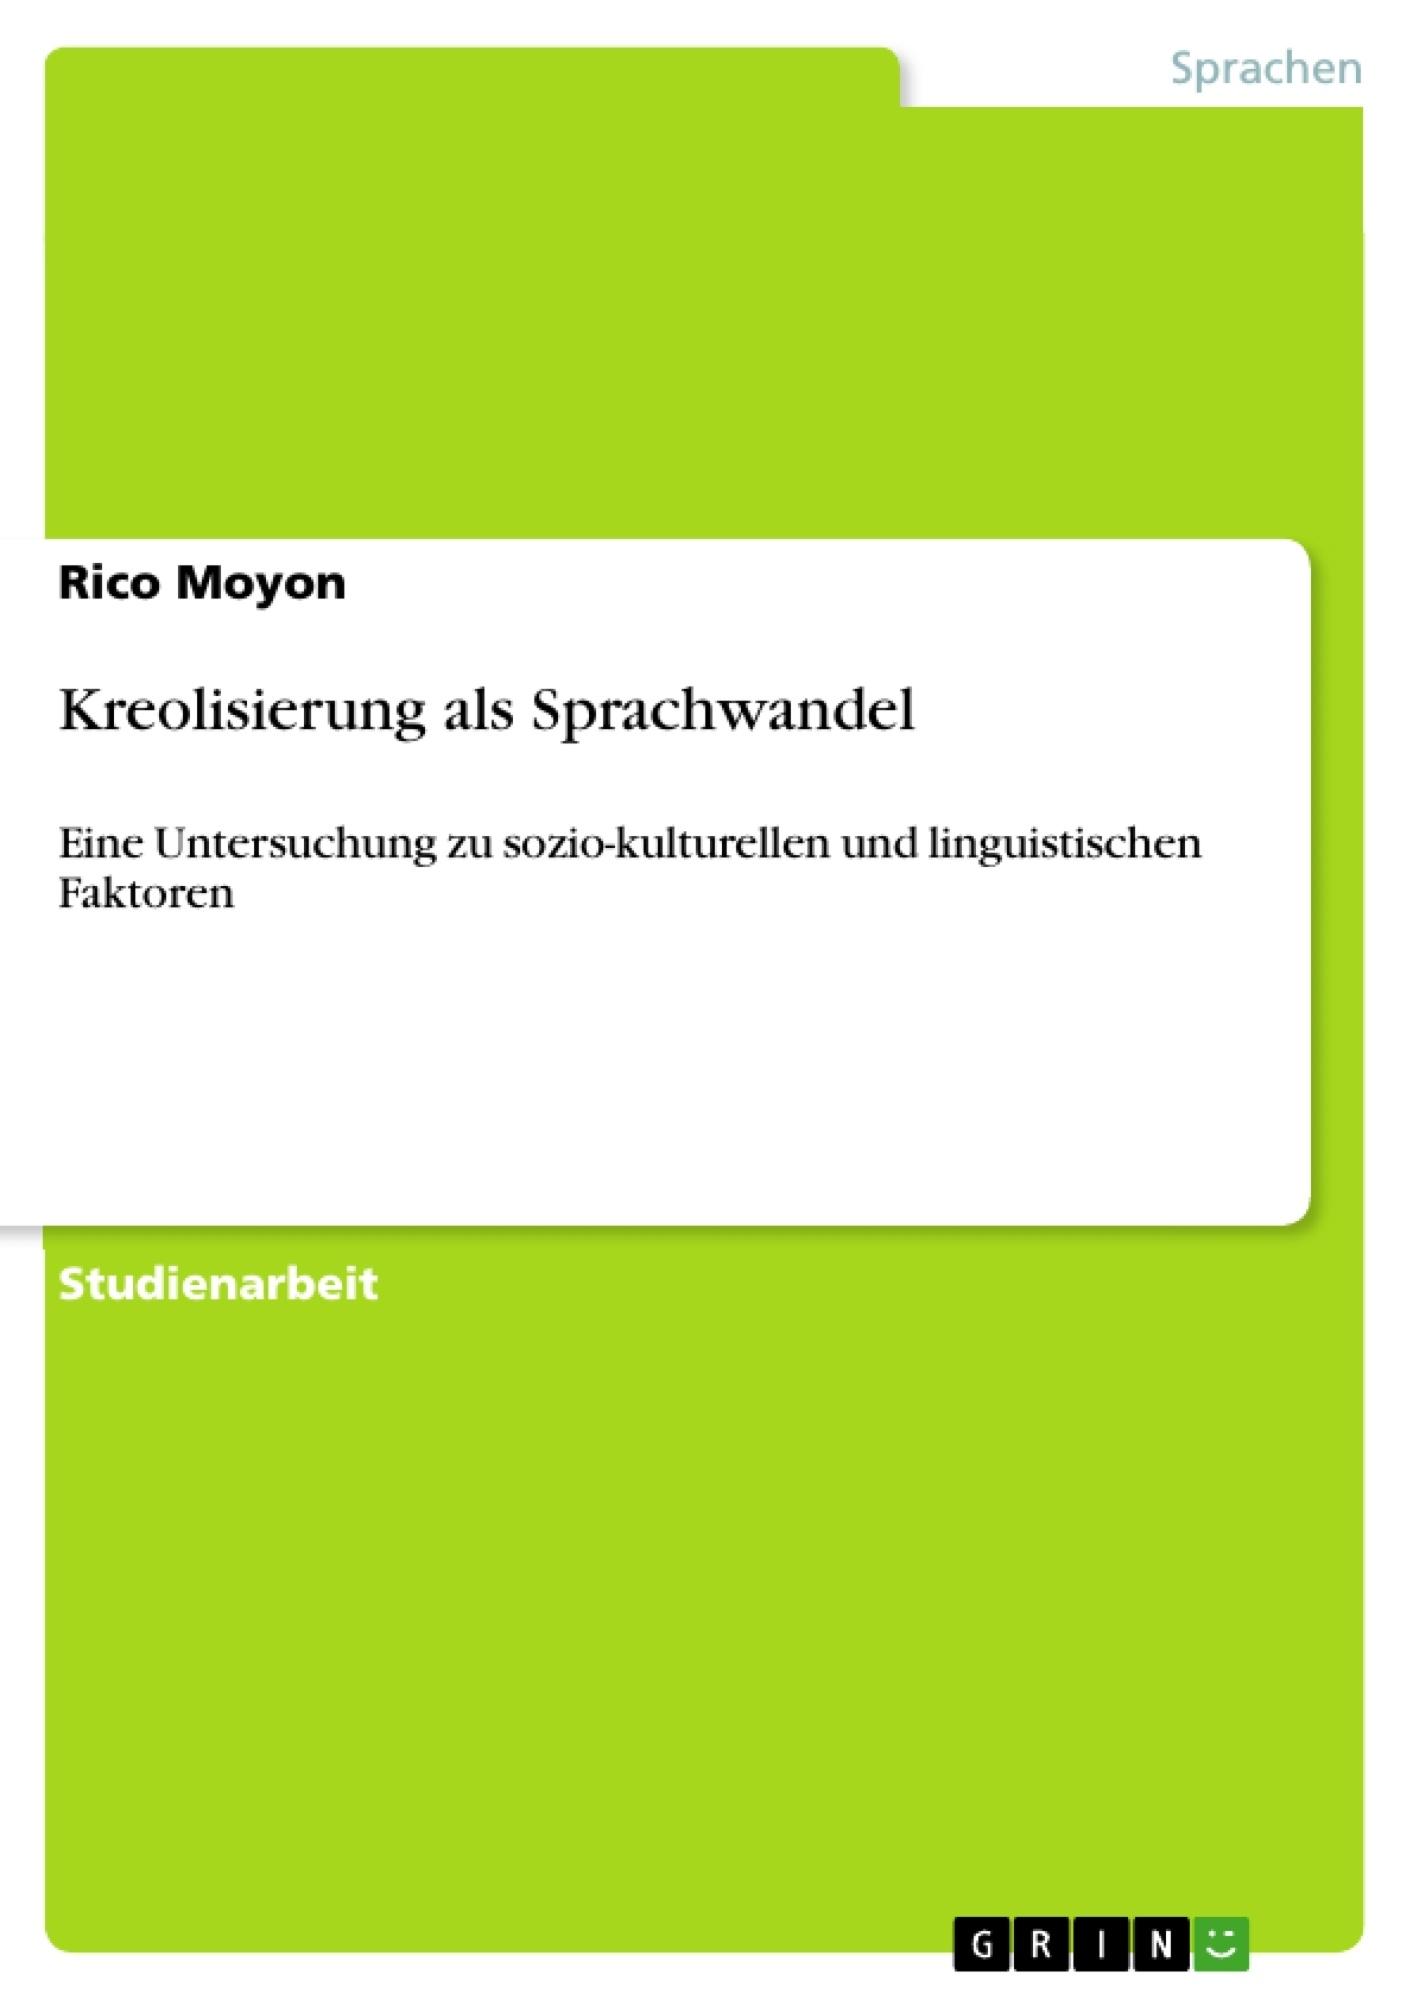 Titel: Kreolisierung als Sprachwandel